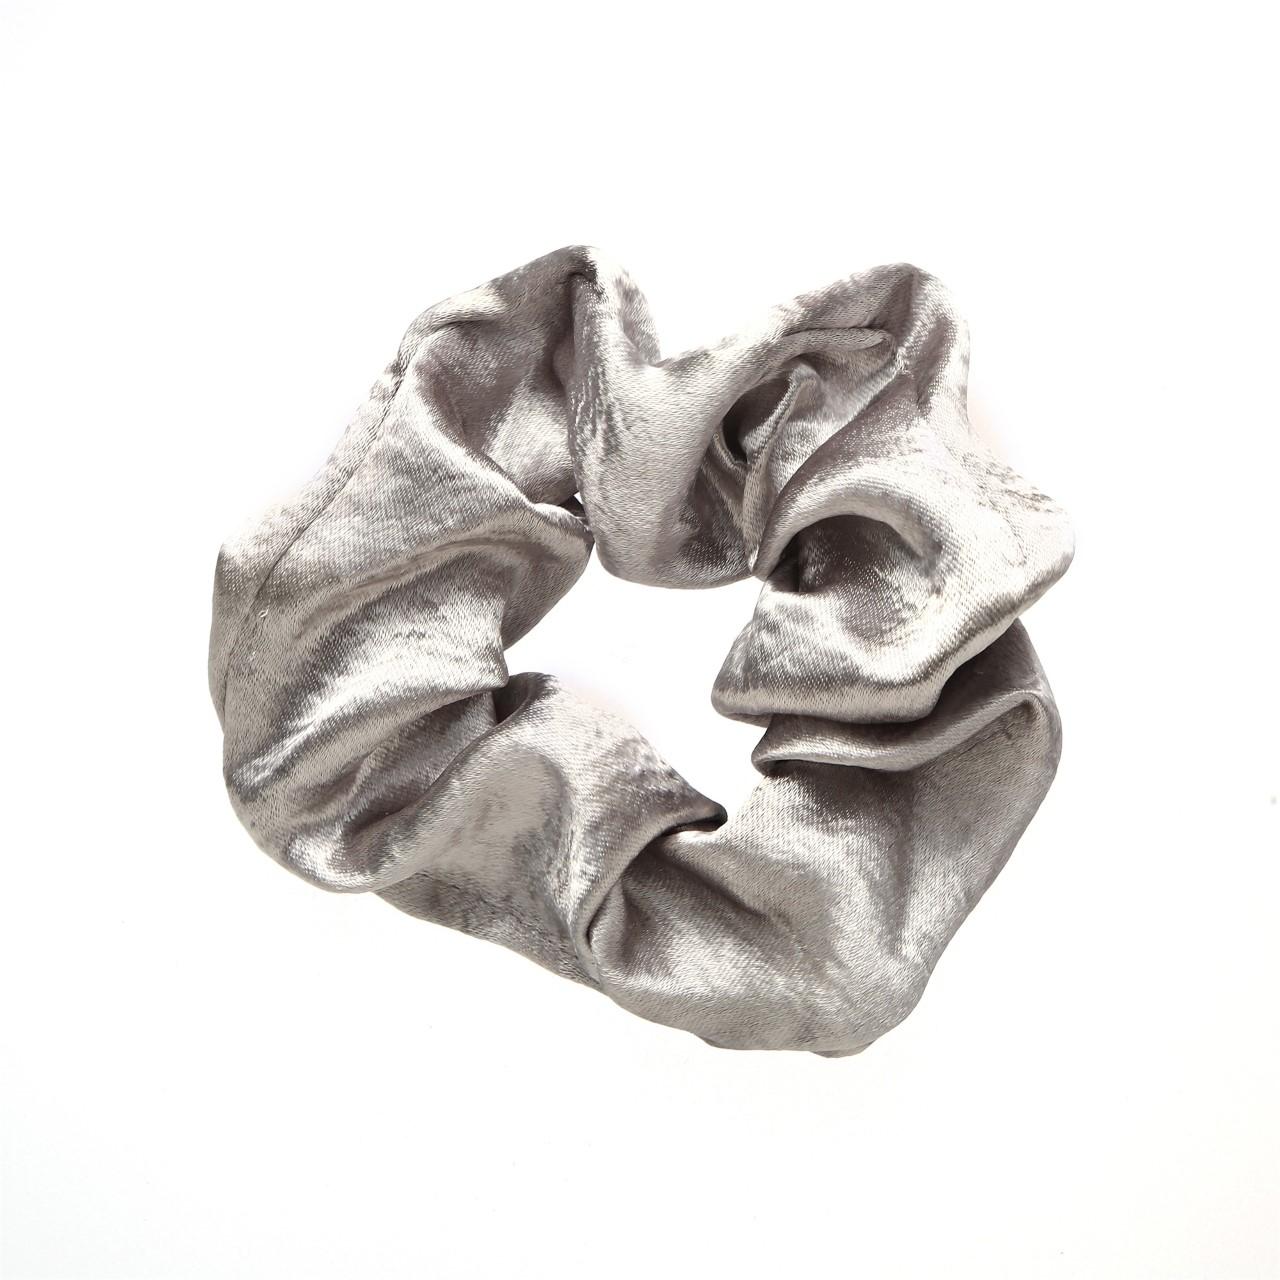 gemini-snodd-silver_grande